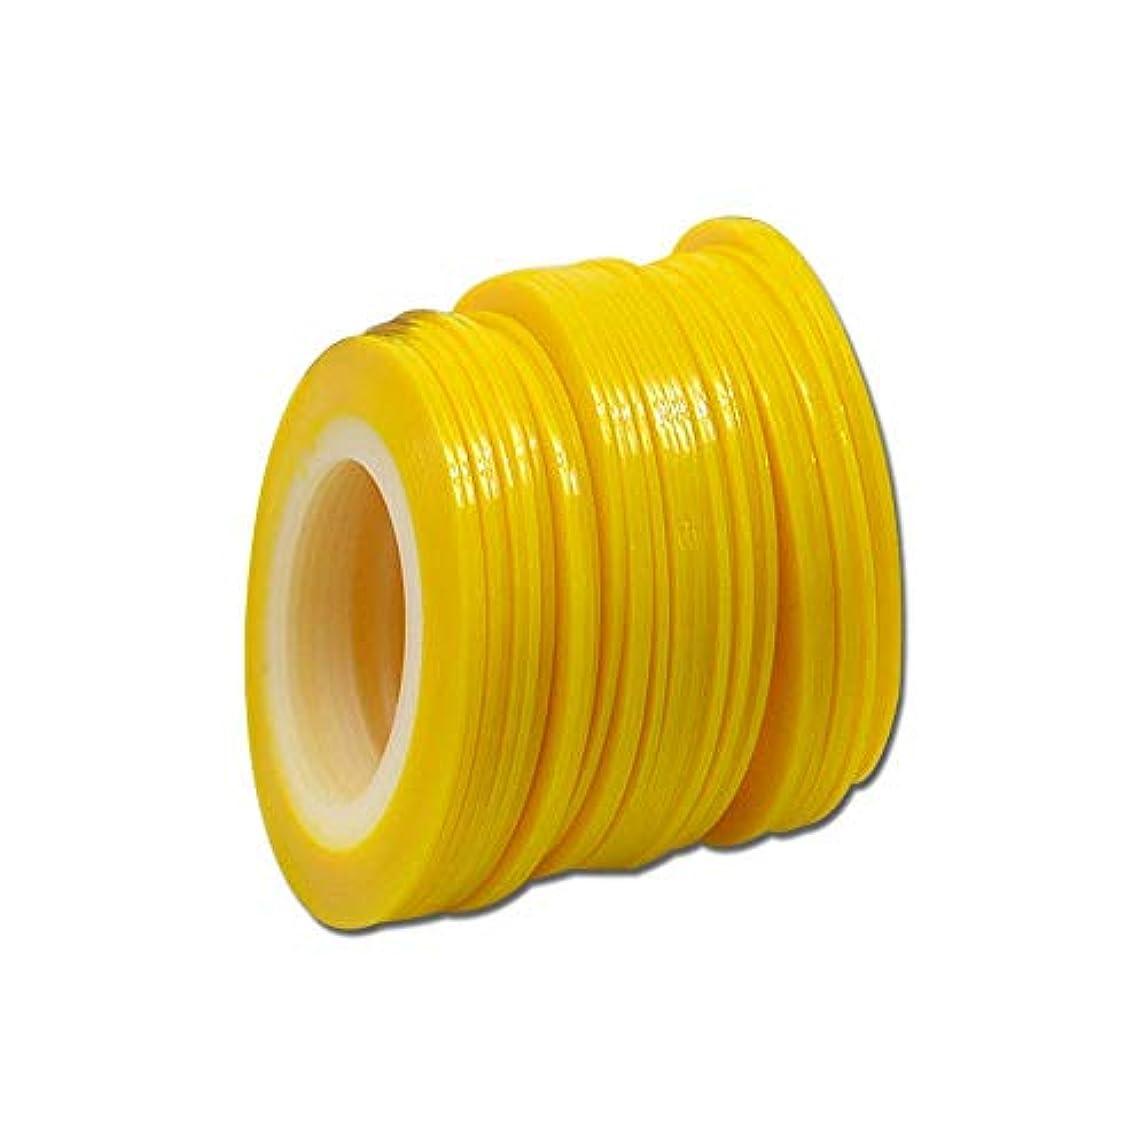 黒人マイナーわかるSUKTI&XIAO ネイルステッカー 100個1ミリメートル色蛍光ストライプライン美容のヒントネイルステッカーネイルアートロールストライピング、黄色